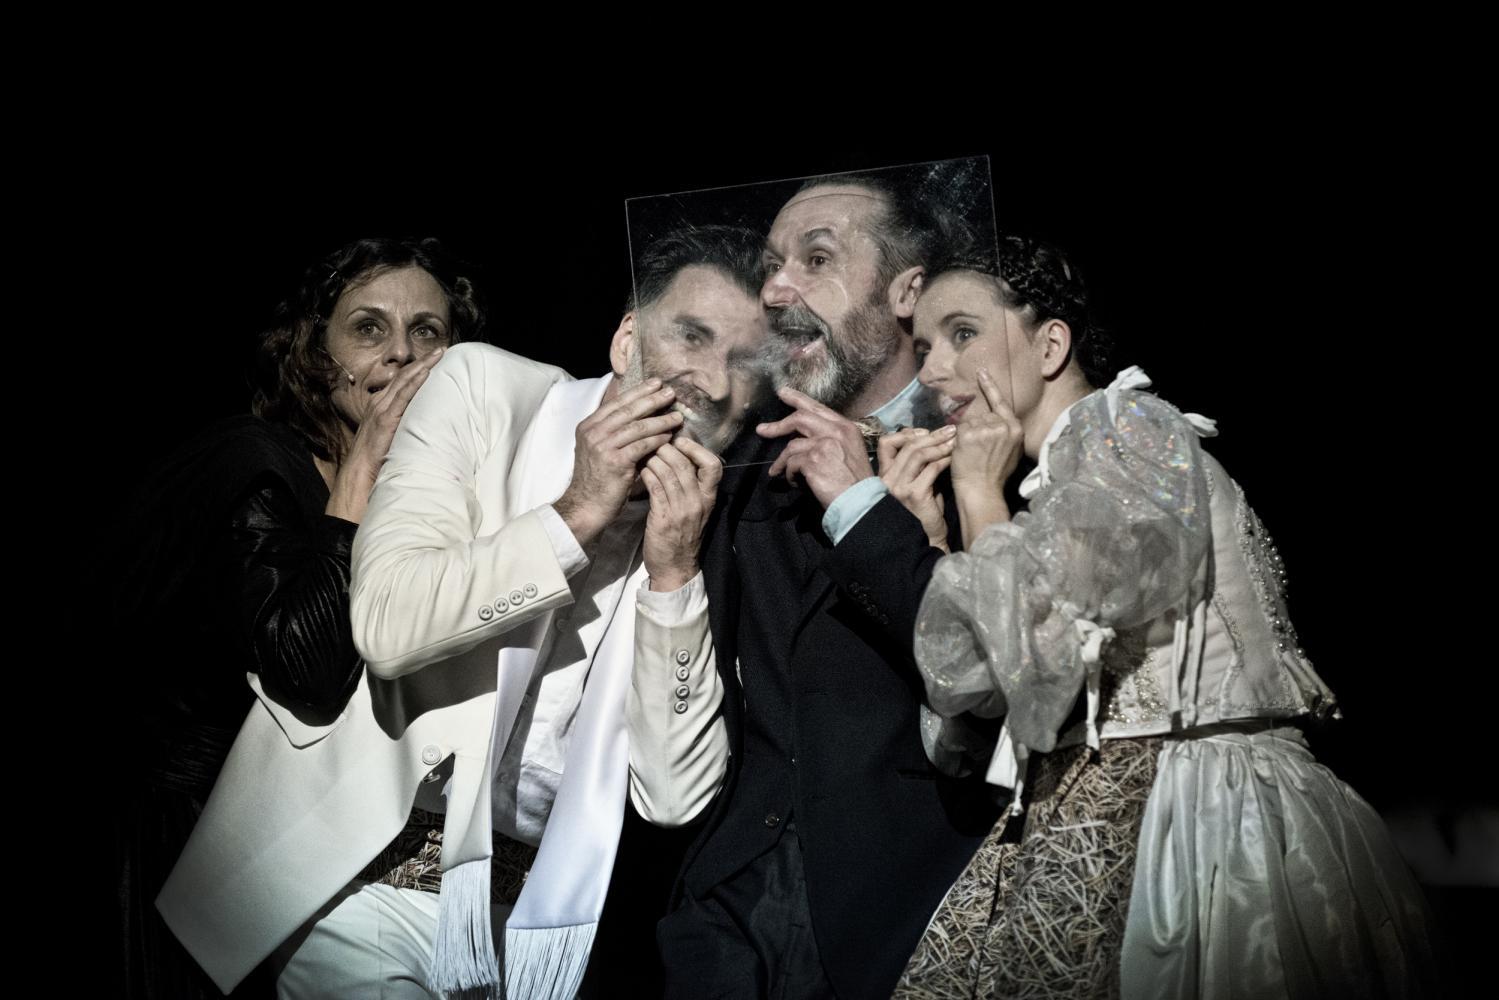 Spektakl Wesele Teatr Wybrzeże